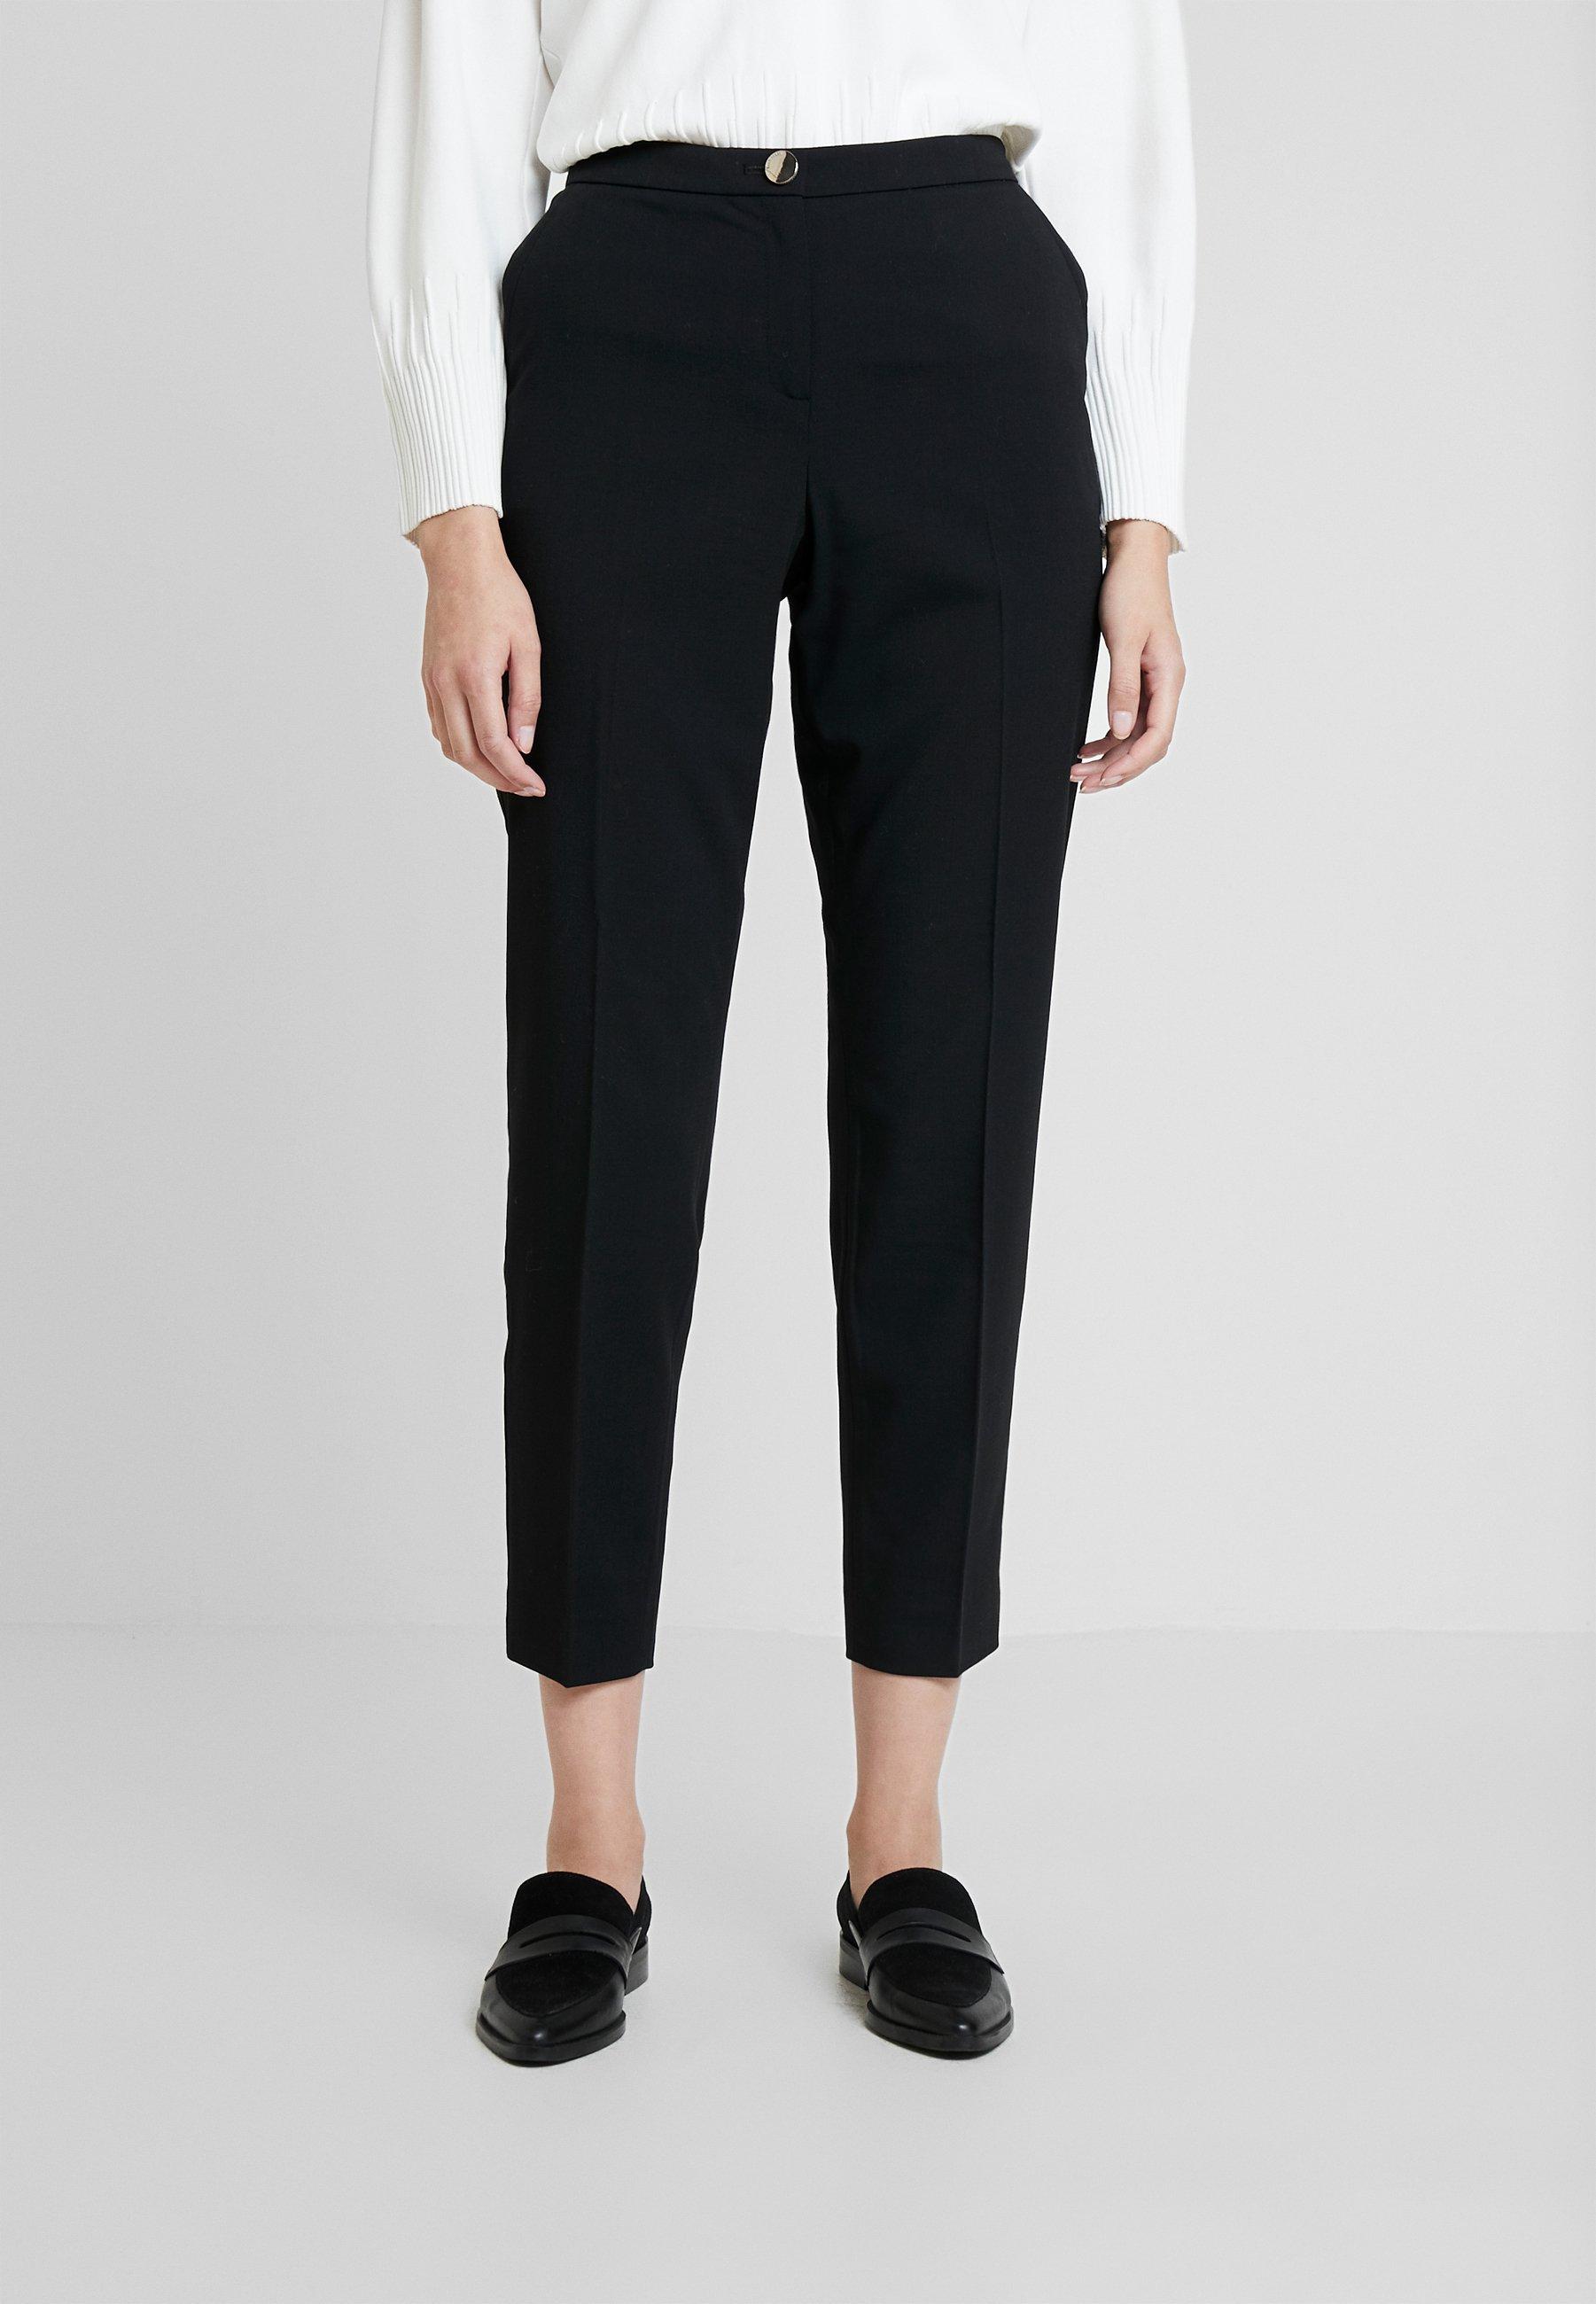 Classique Ted Suit Black Salotet TrouserPantalon Baker QxtdsrCh